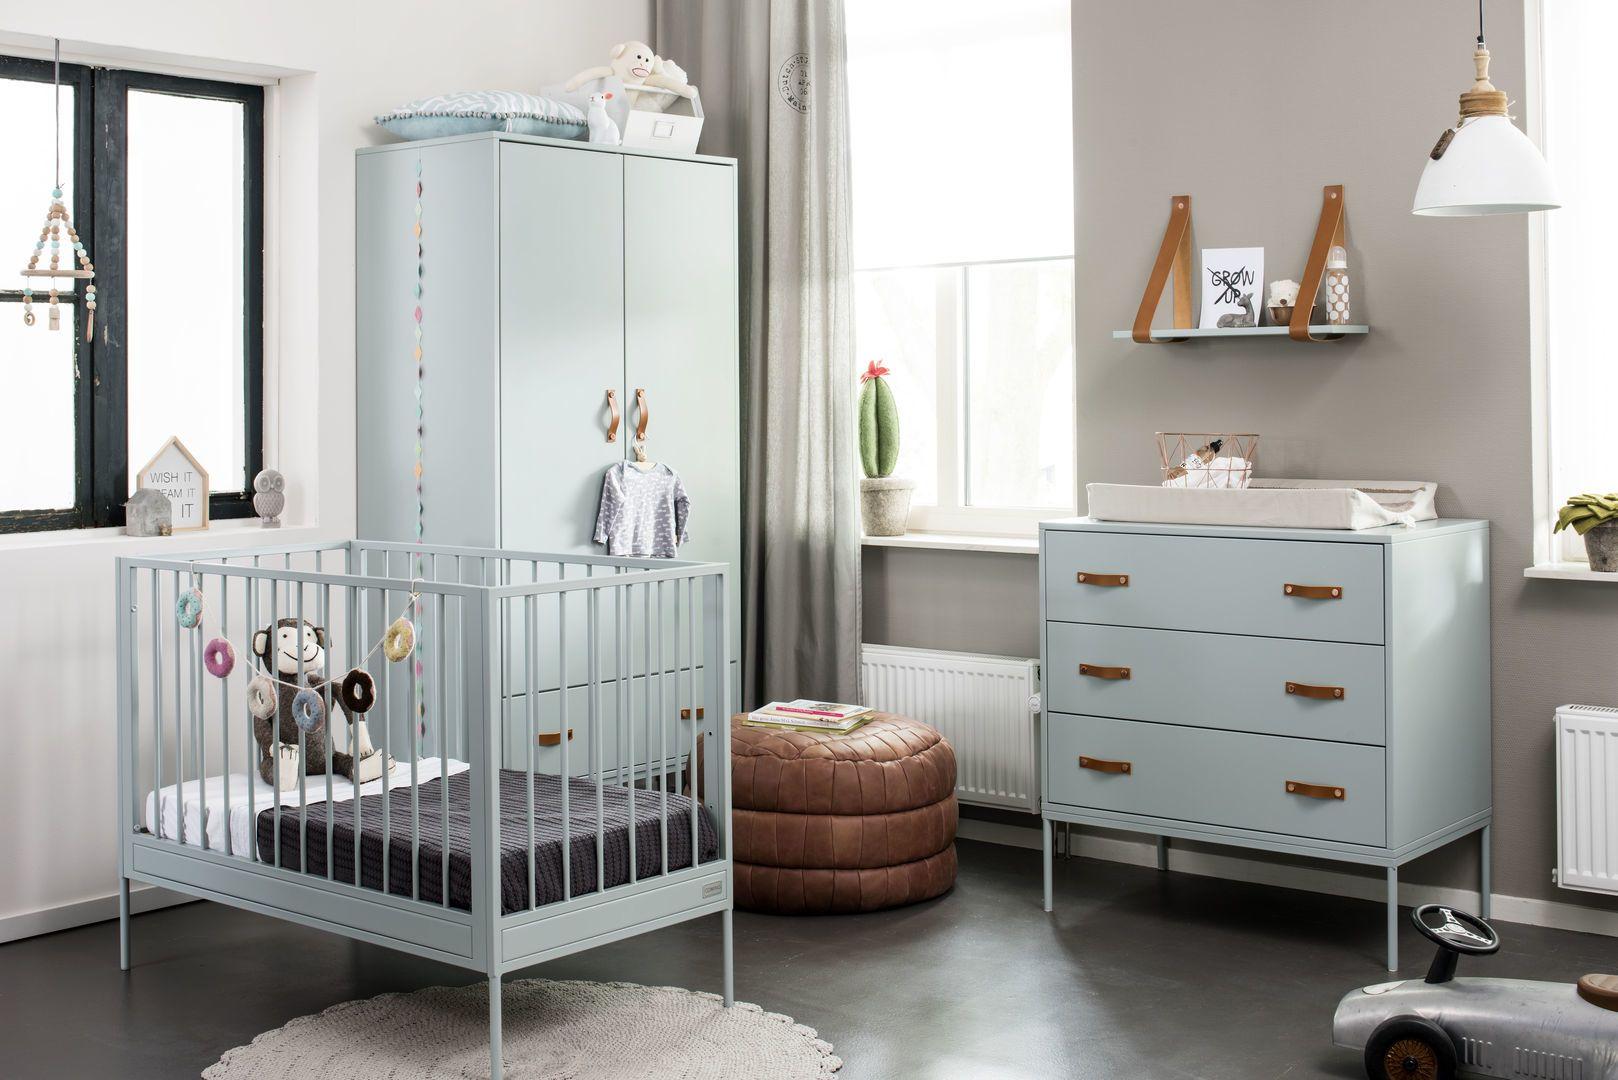 Kleuren Voor Babykamer : Interieur van de babykamer de trends van nu kraamzus